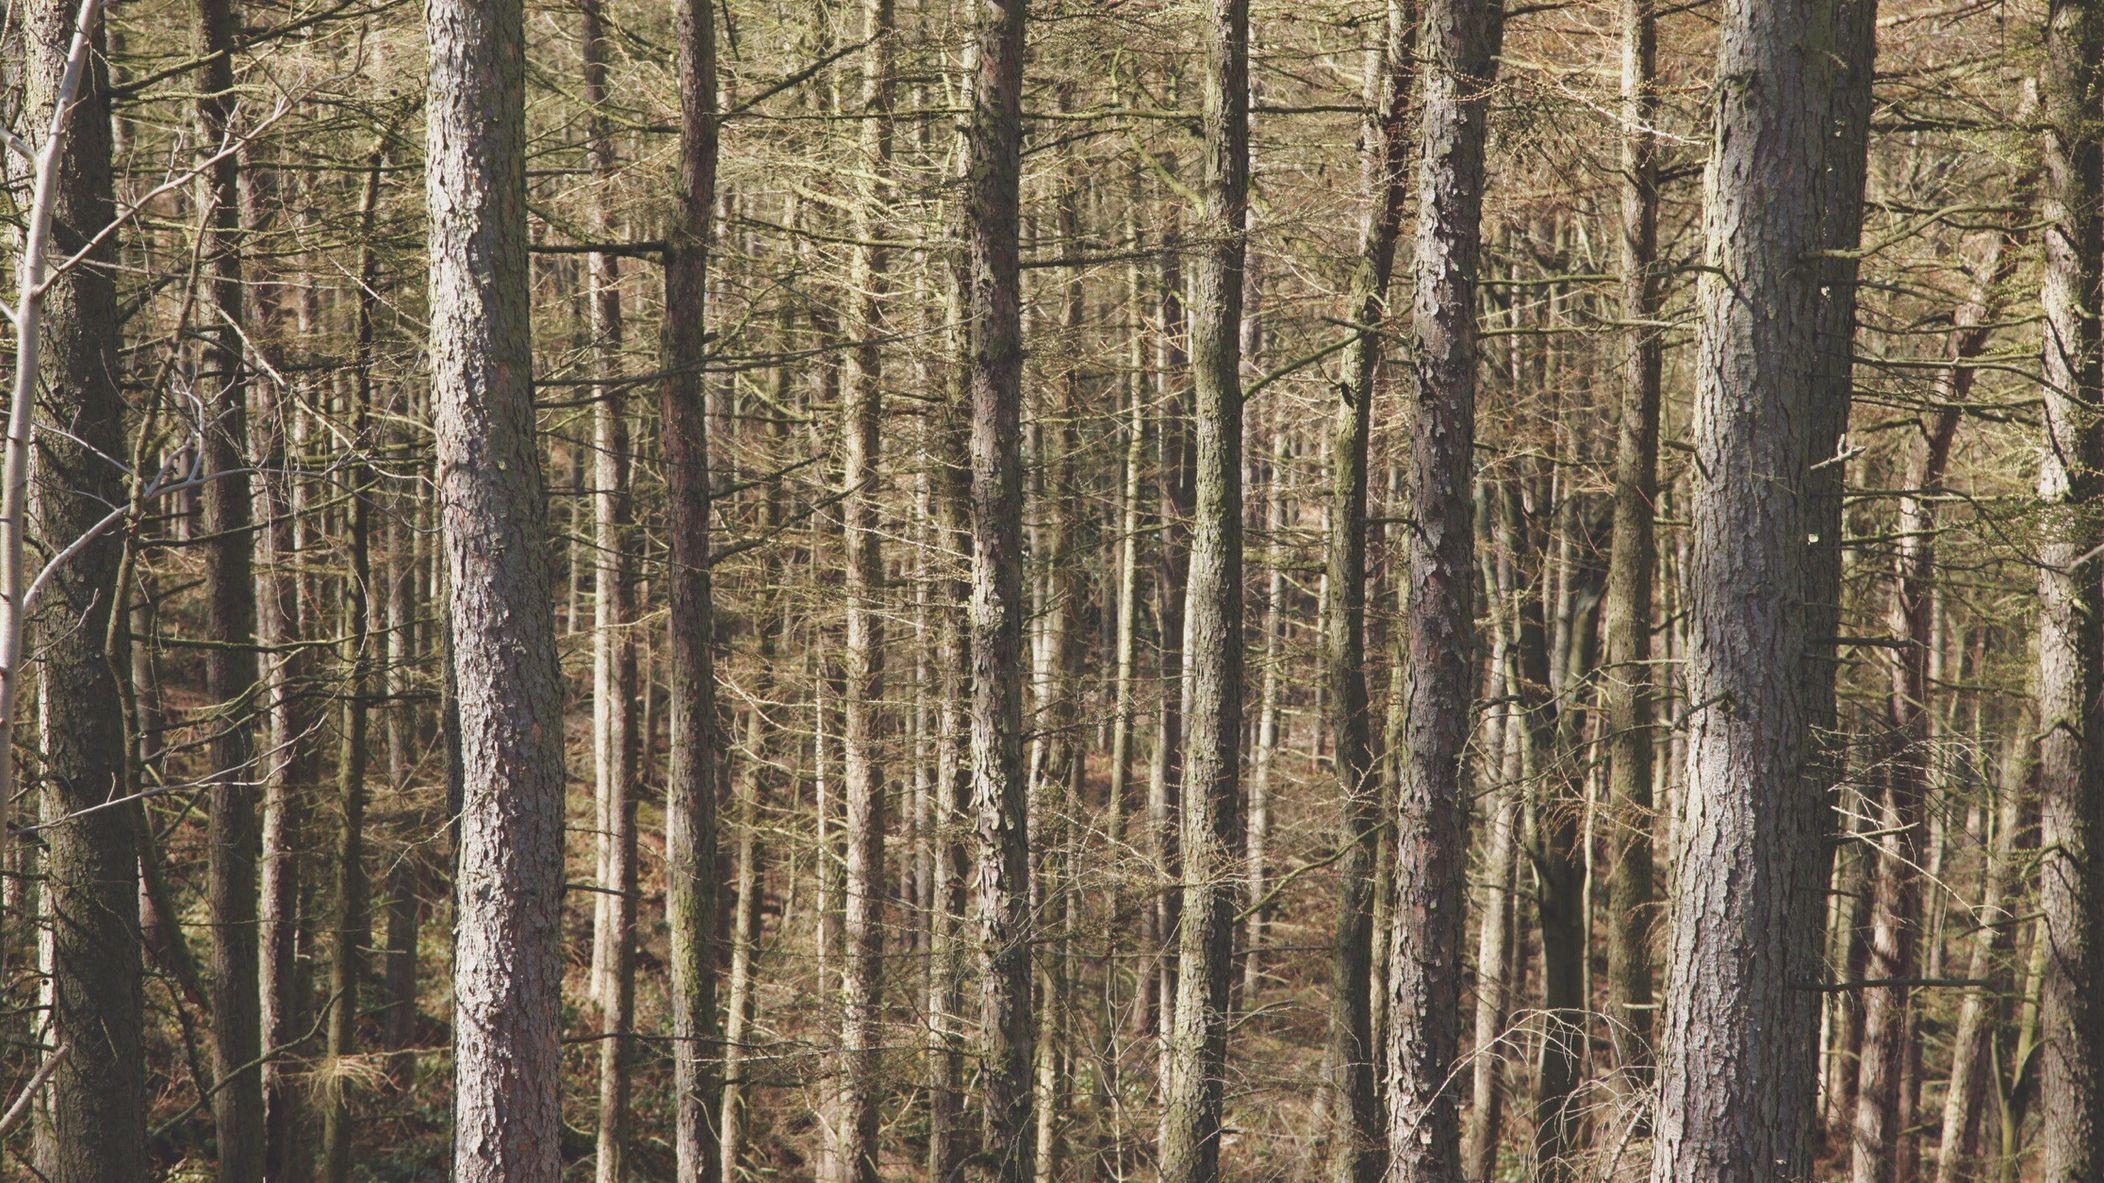 樹木や草を増やせば、気候変動に対処できるのではないか?